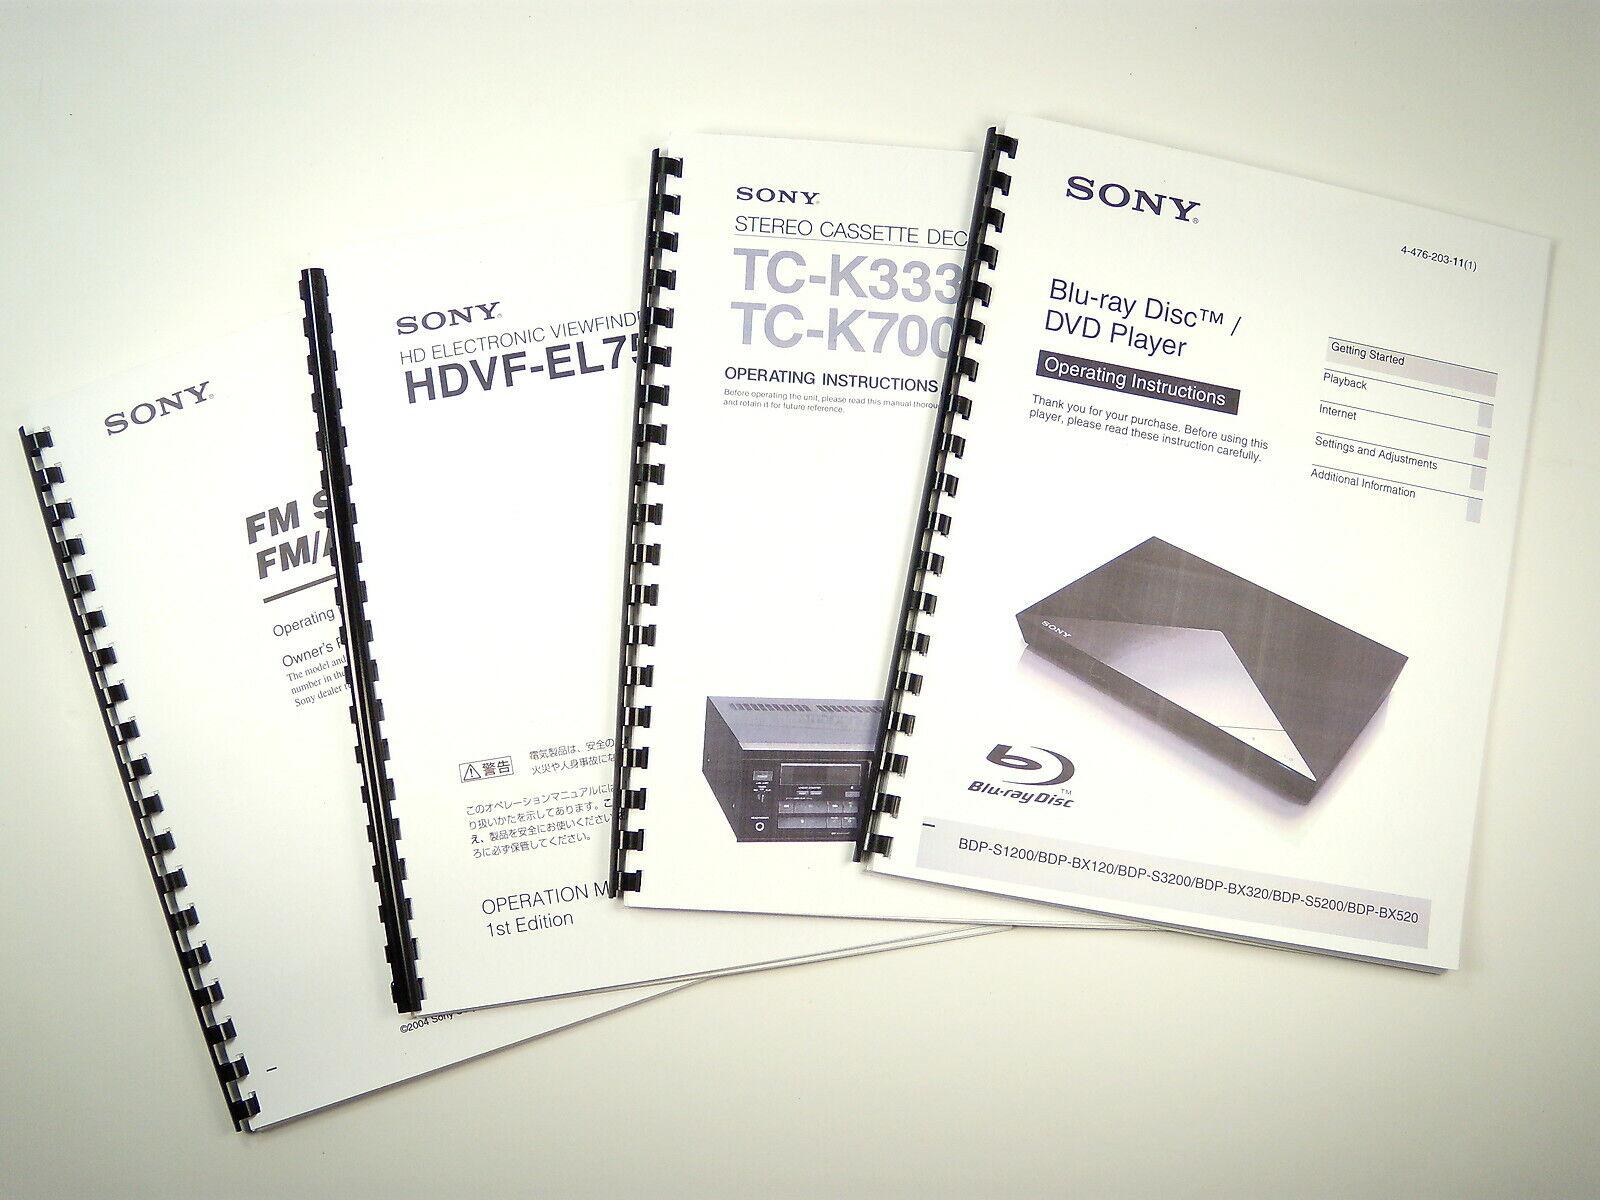 Sony STR-DE685 AV Receiver Owners Manual